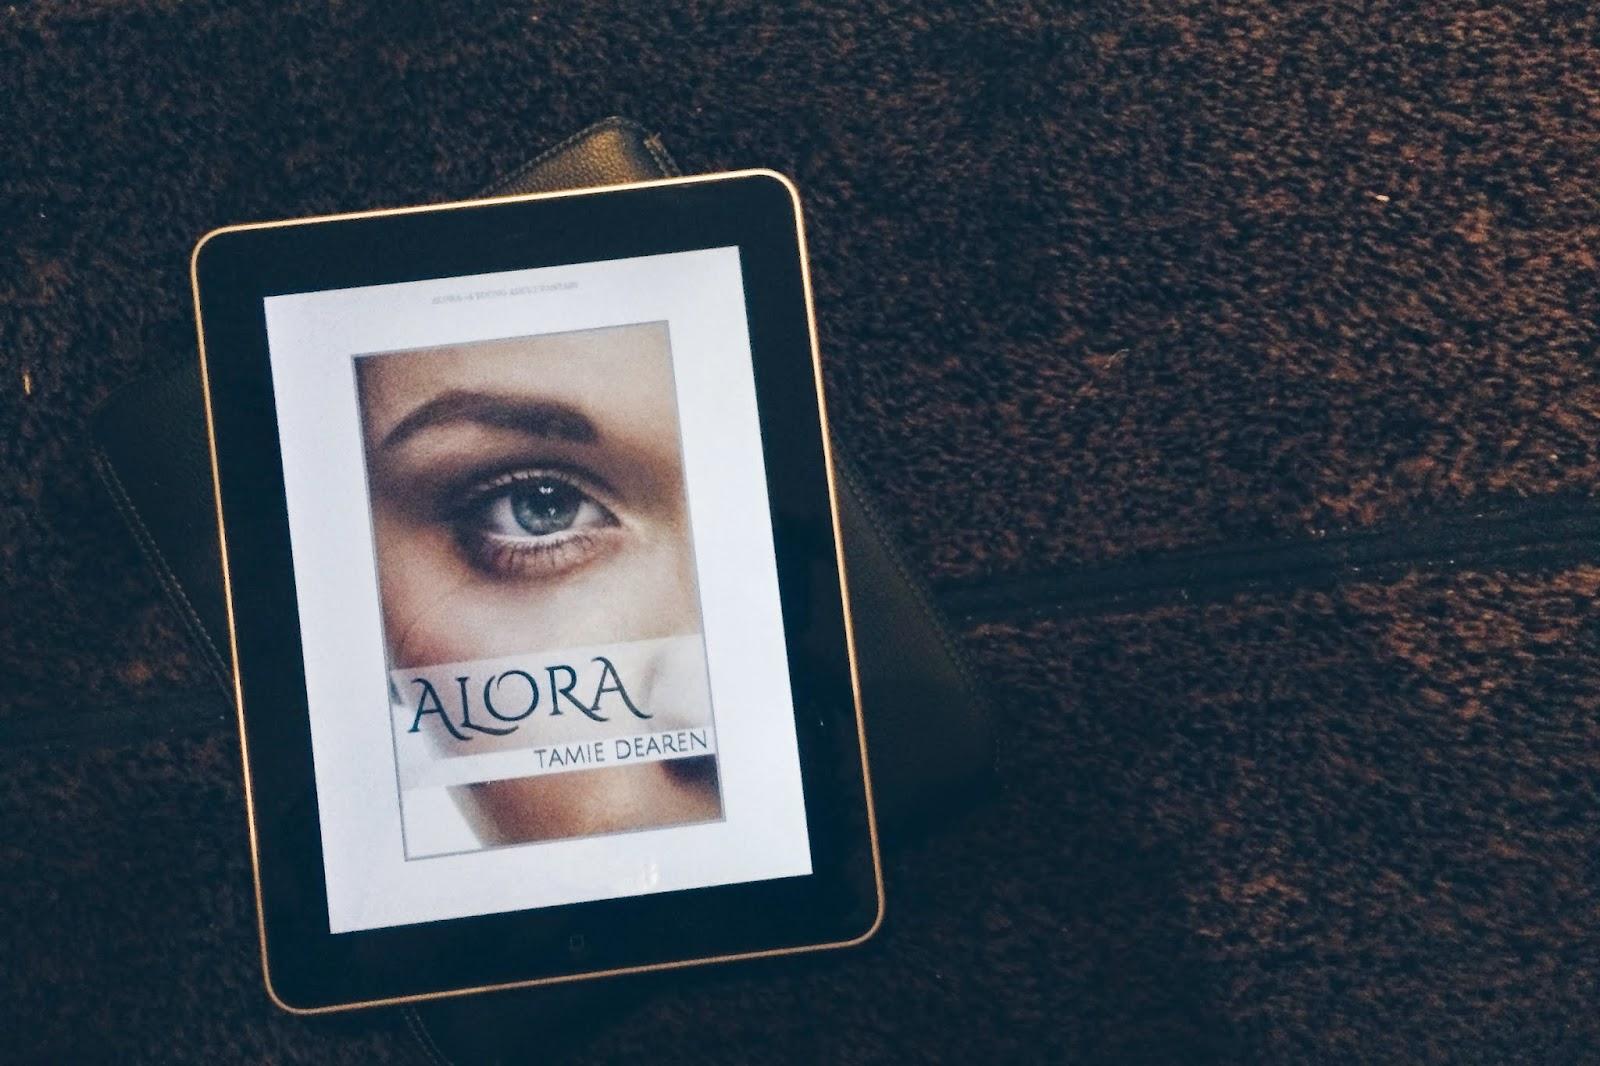 Alora by Tamie Dearen